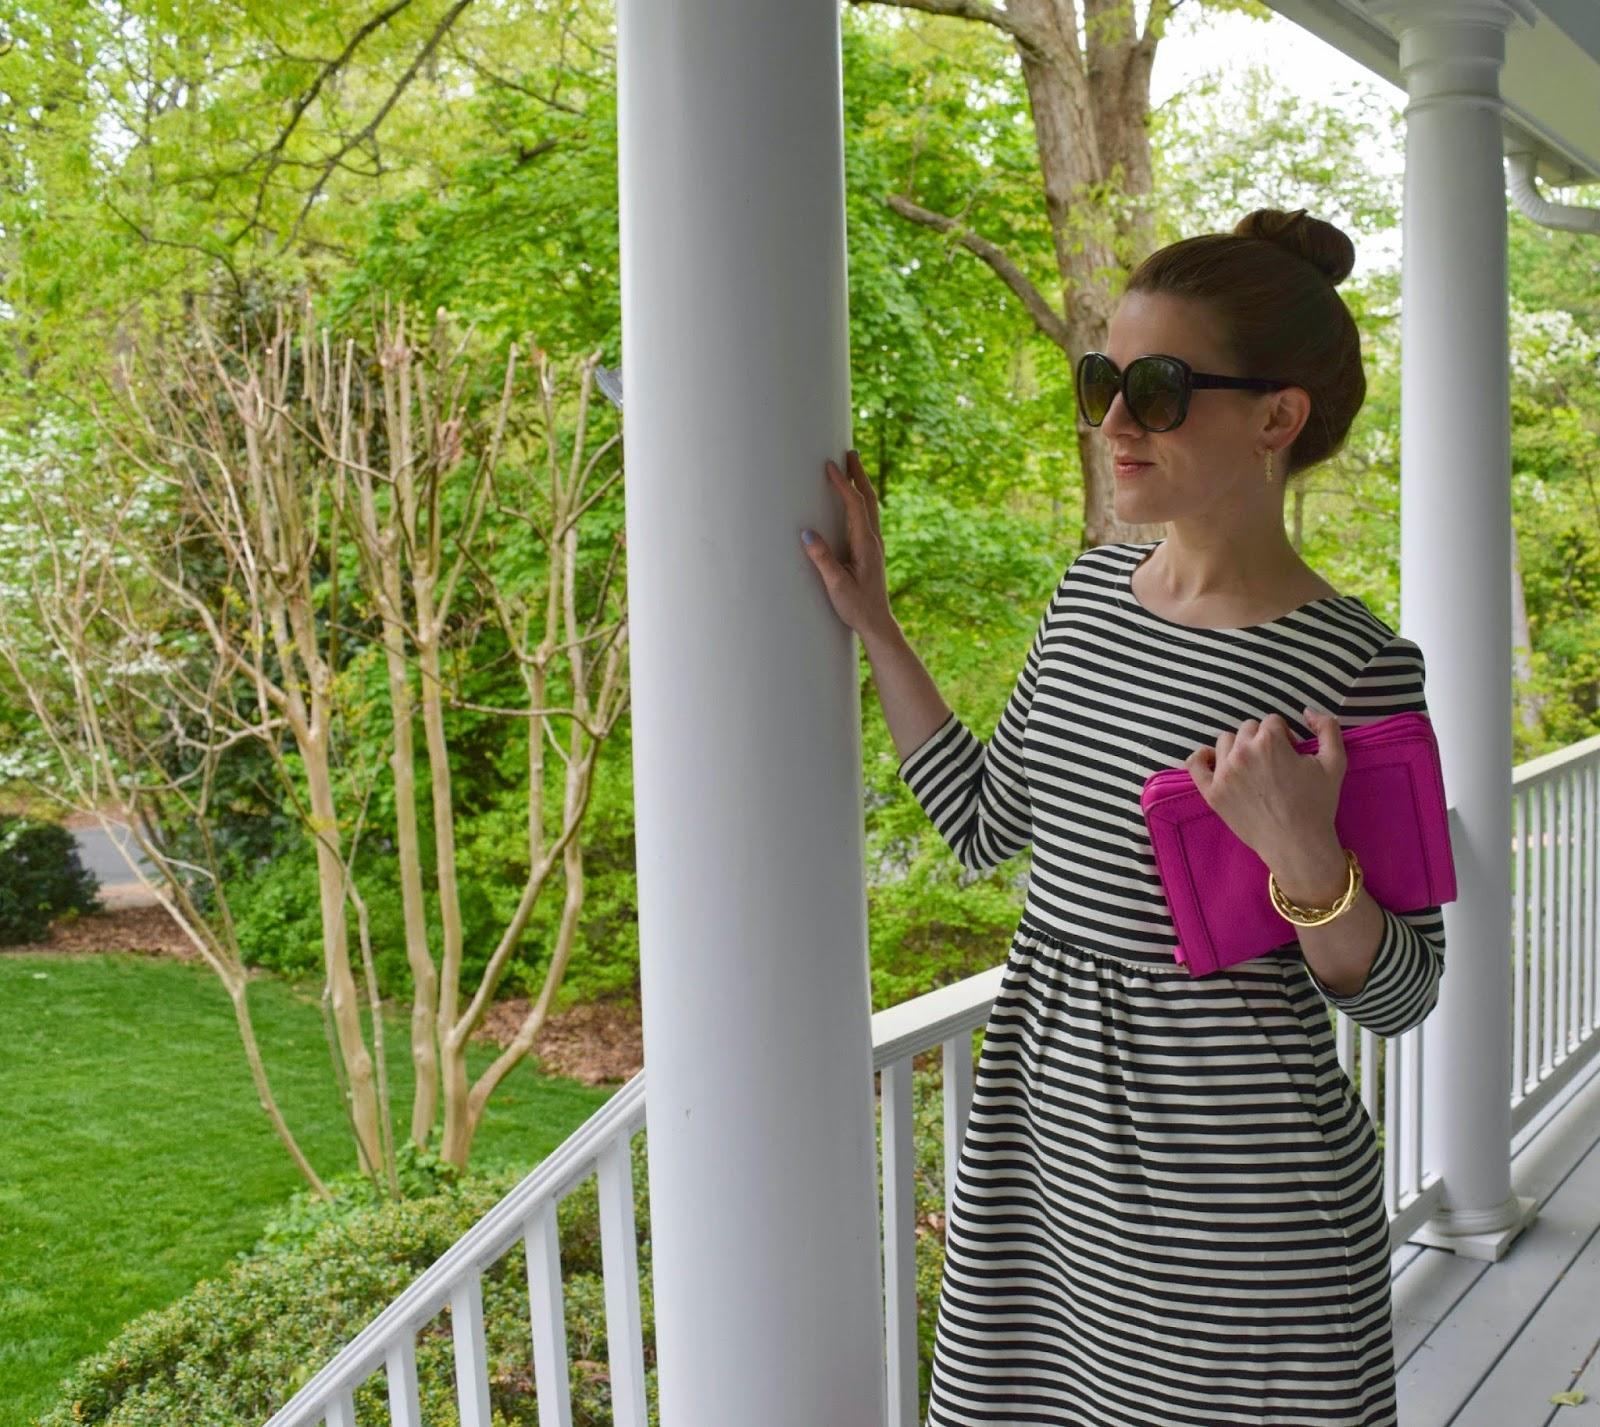 factory pocket dress in stripe - j.crew striped dress - black and white striped dress - pink j.crew purse